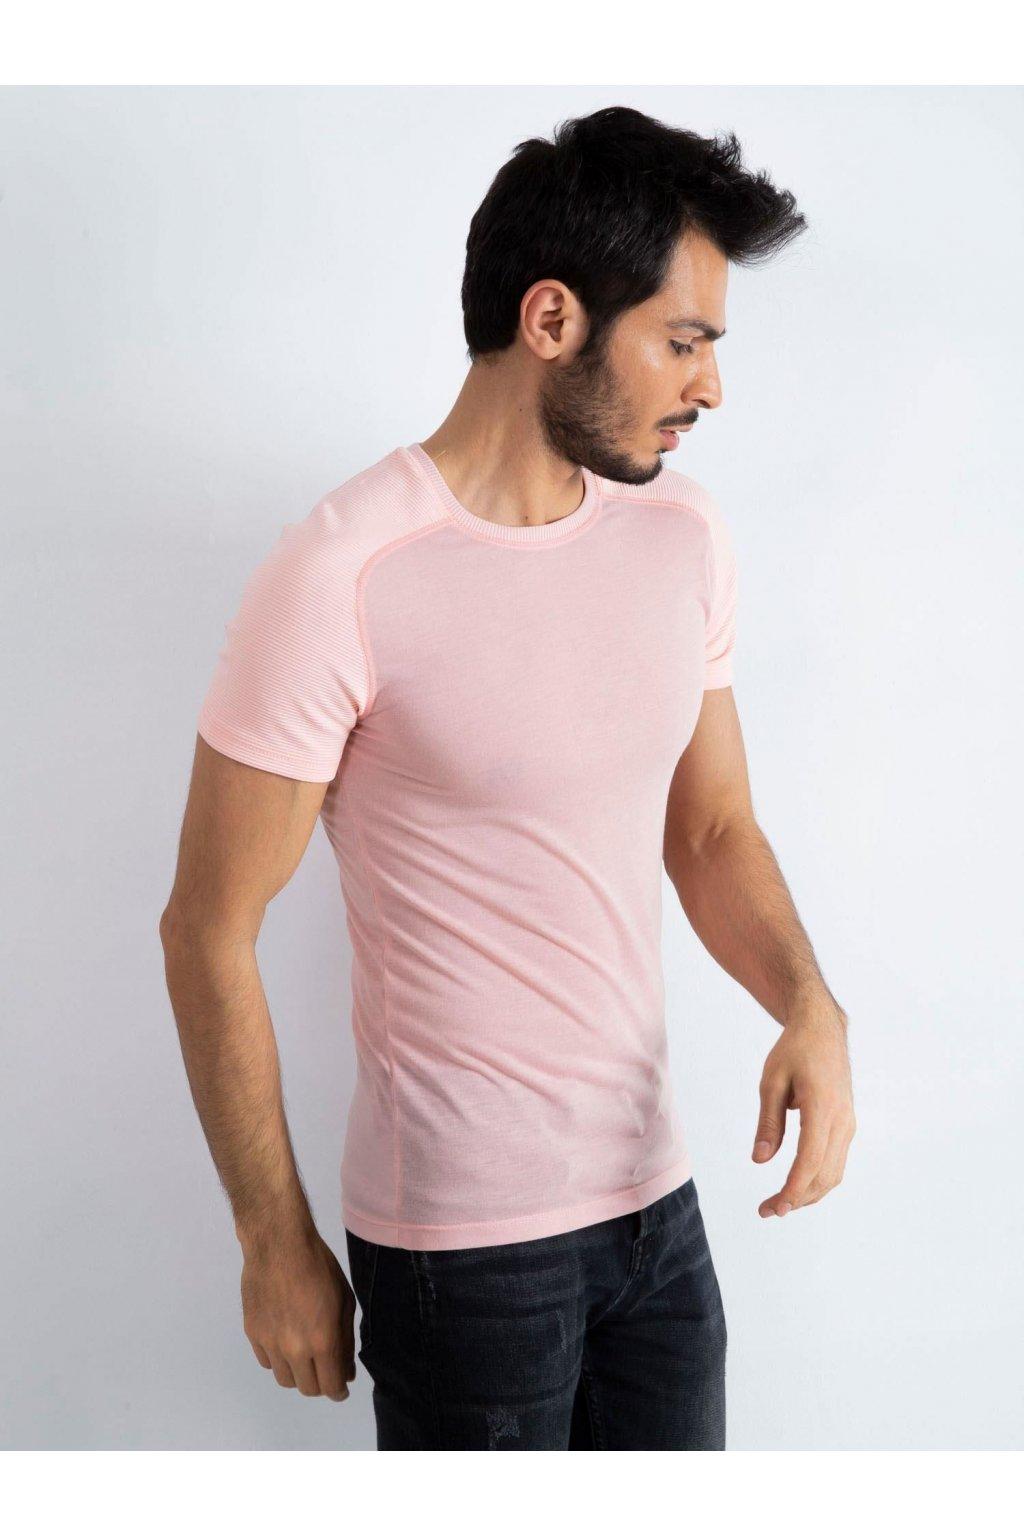 Tričko t-shirt kód M019Y03052003